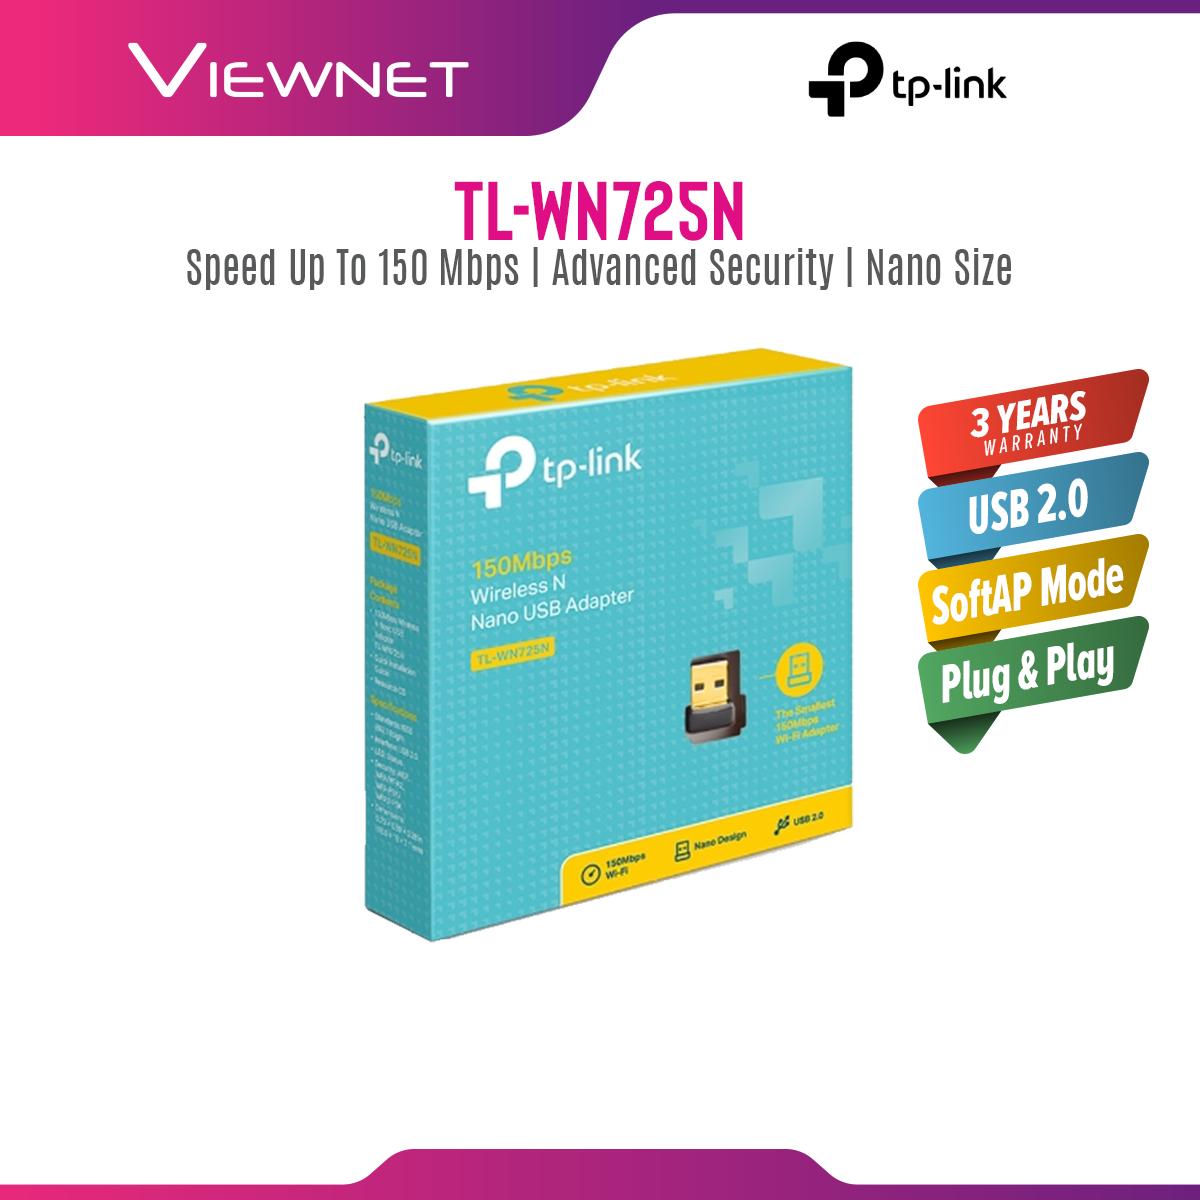 TP LINK 150MBPS WIRELESS N NANO USB ADAPTER TL-WN725N (USB 2.0)